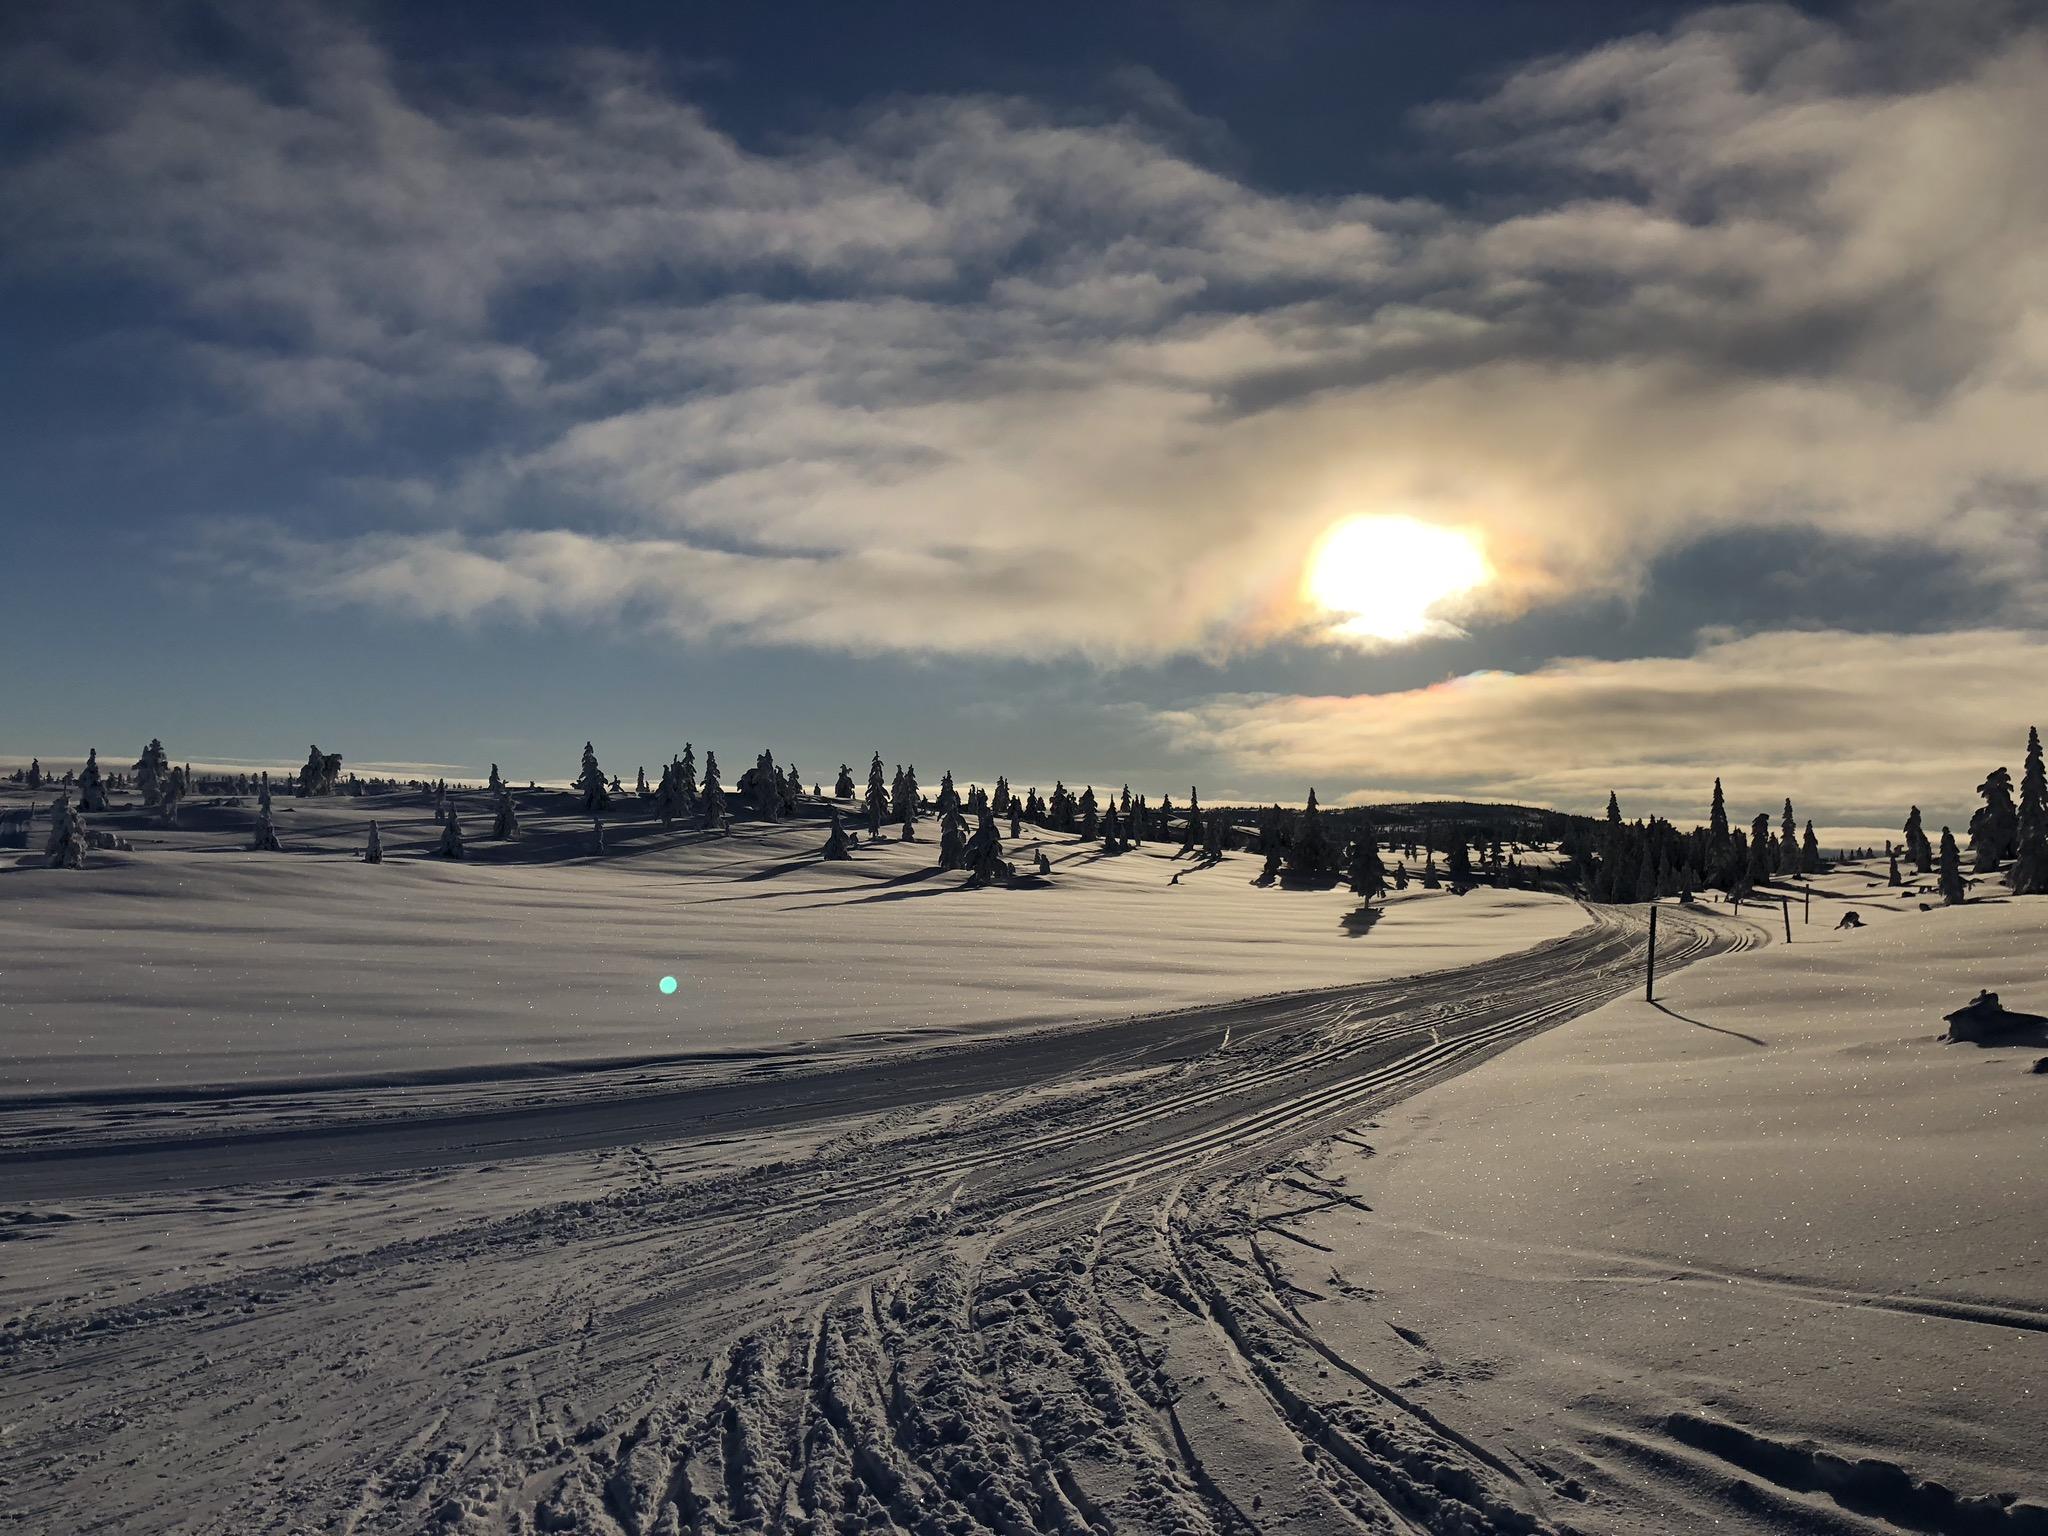 Blefjell   Søstrene Storaas hotell ligger idyllisk til ved Buvannet, og ved foten av Blefjell. Ta pausen på fjellet med flotte skiløyper om vinteren og gode stier om sommeren.